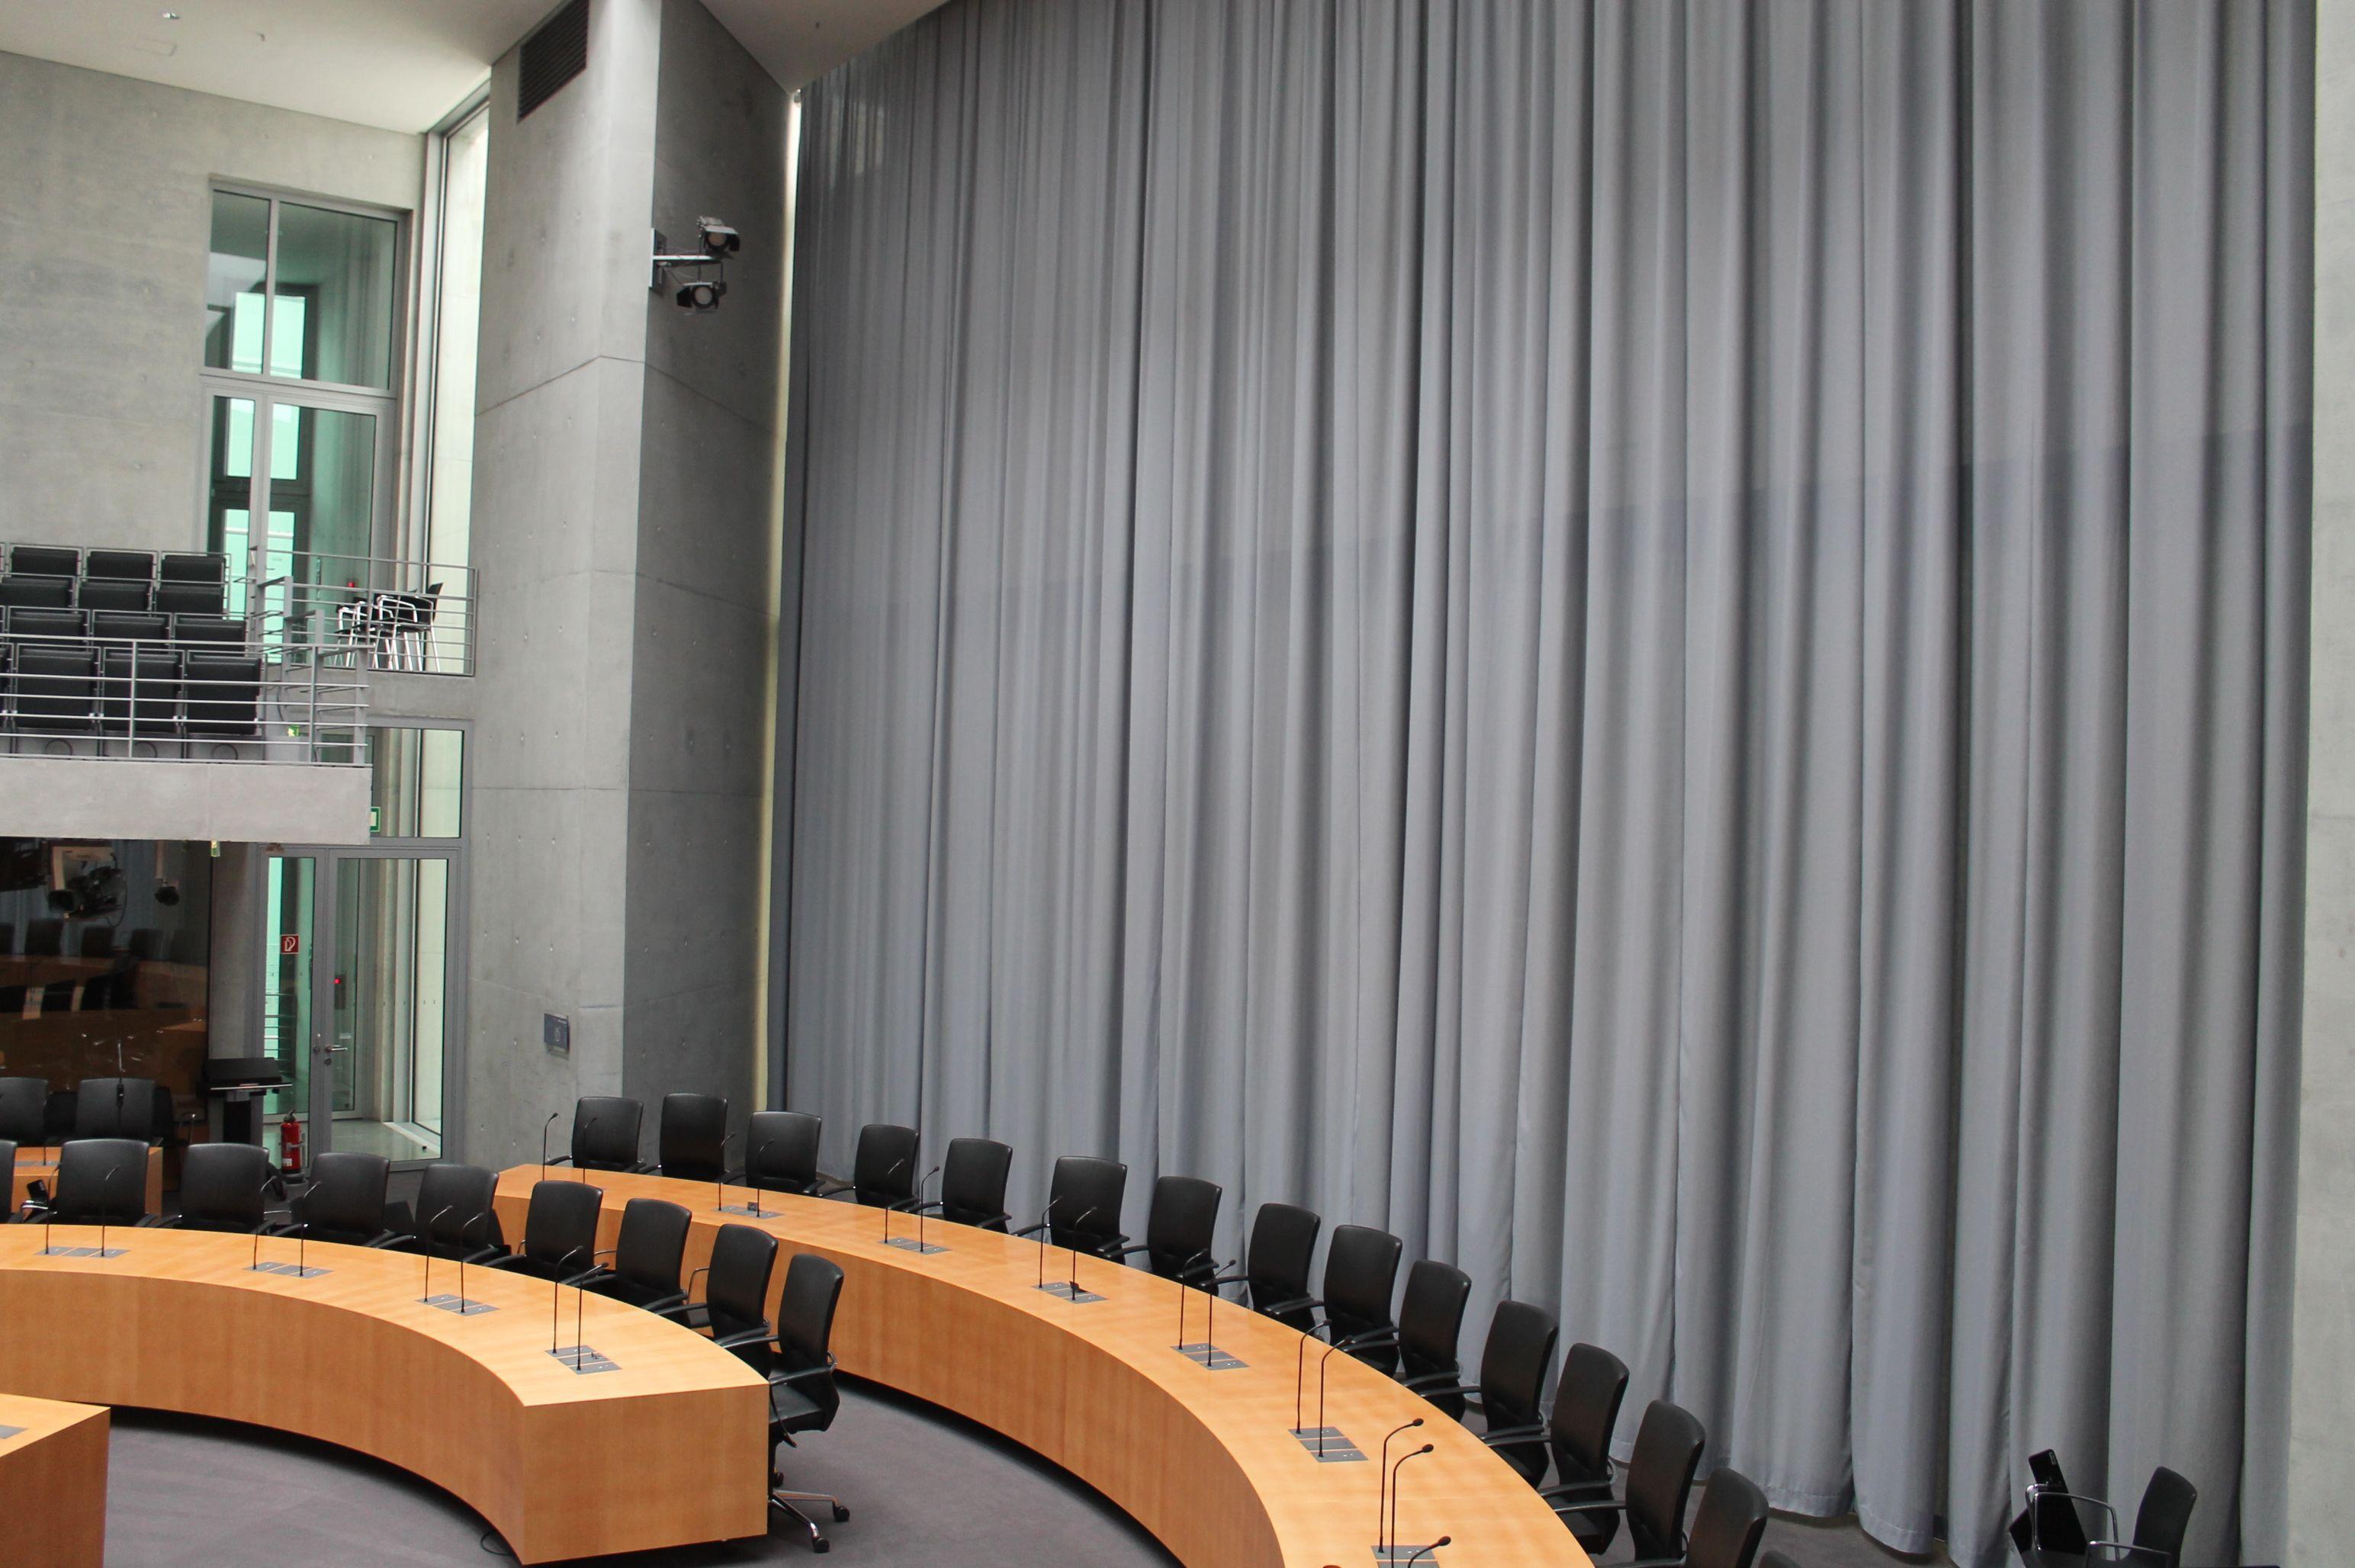 Malerisch Gardinen München Galerie Von Bühnenvorhangschienen Elektrisch Mit Vorhang Von Stiers Montiert